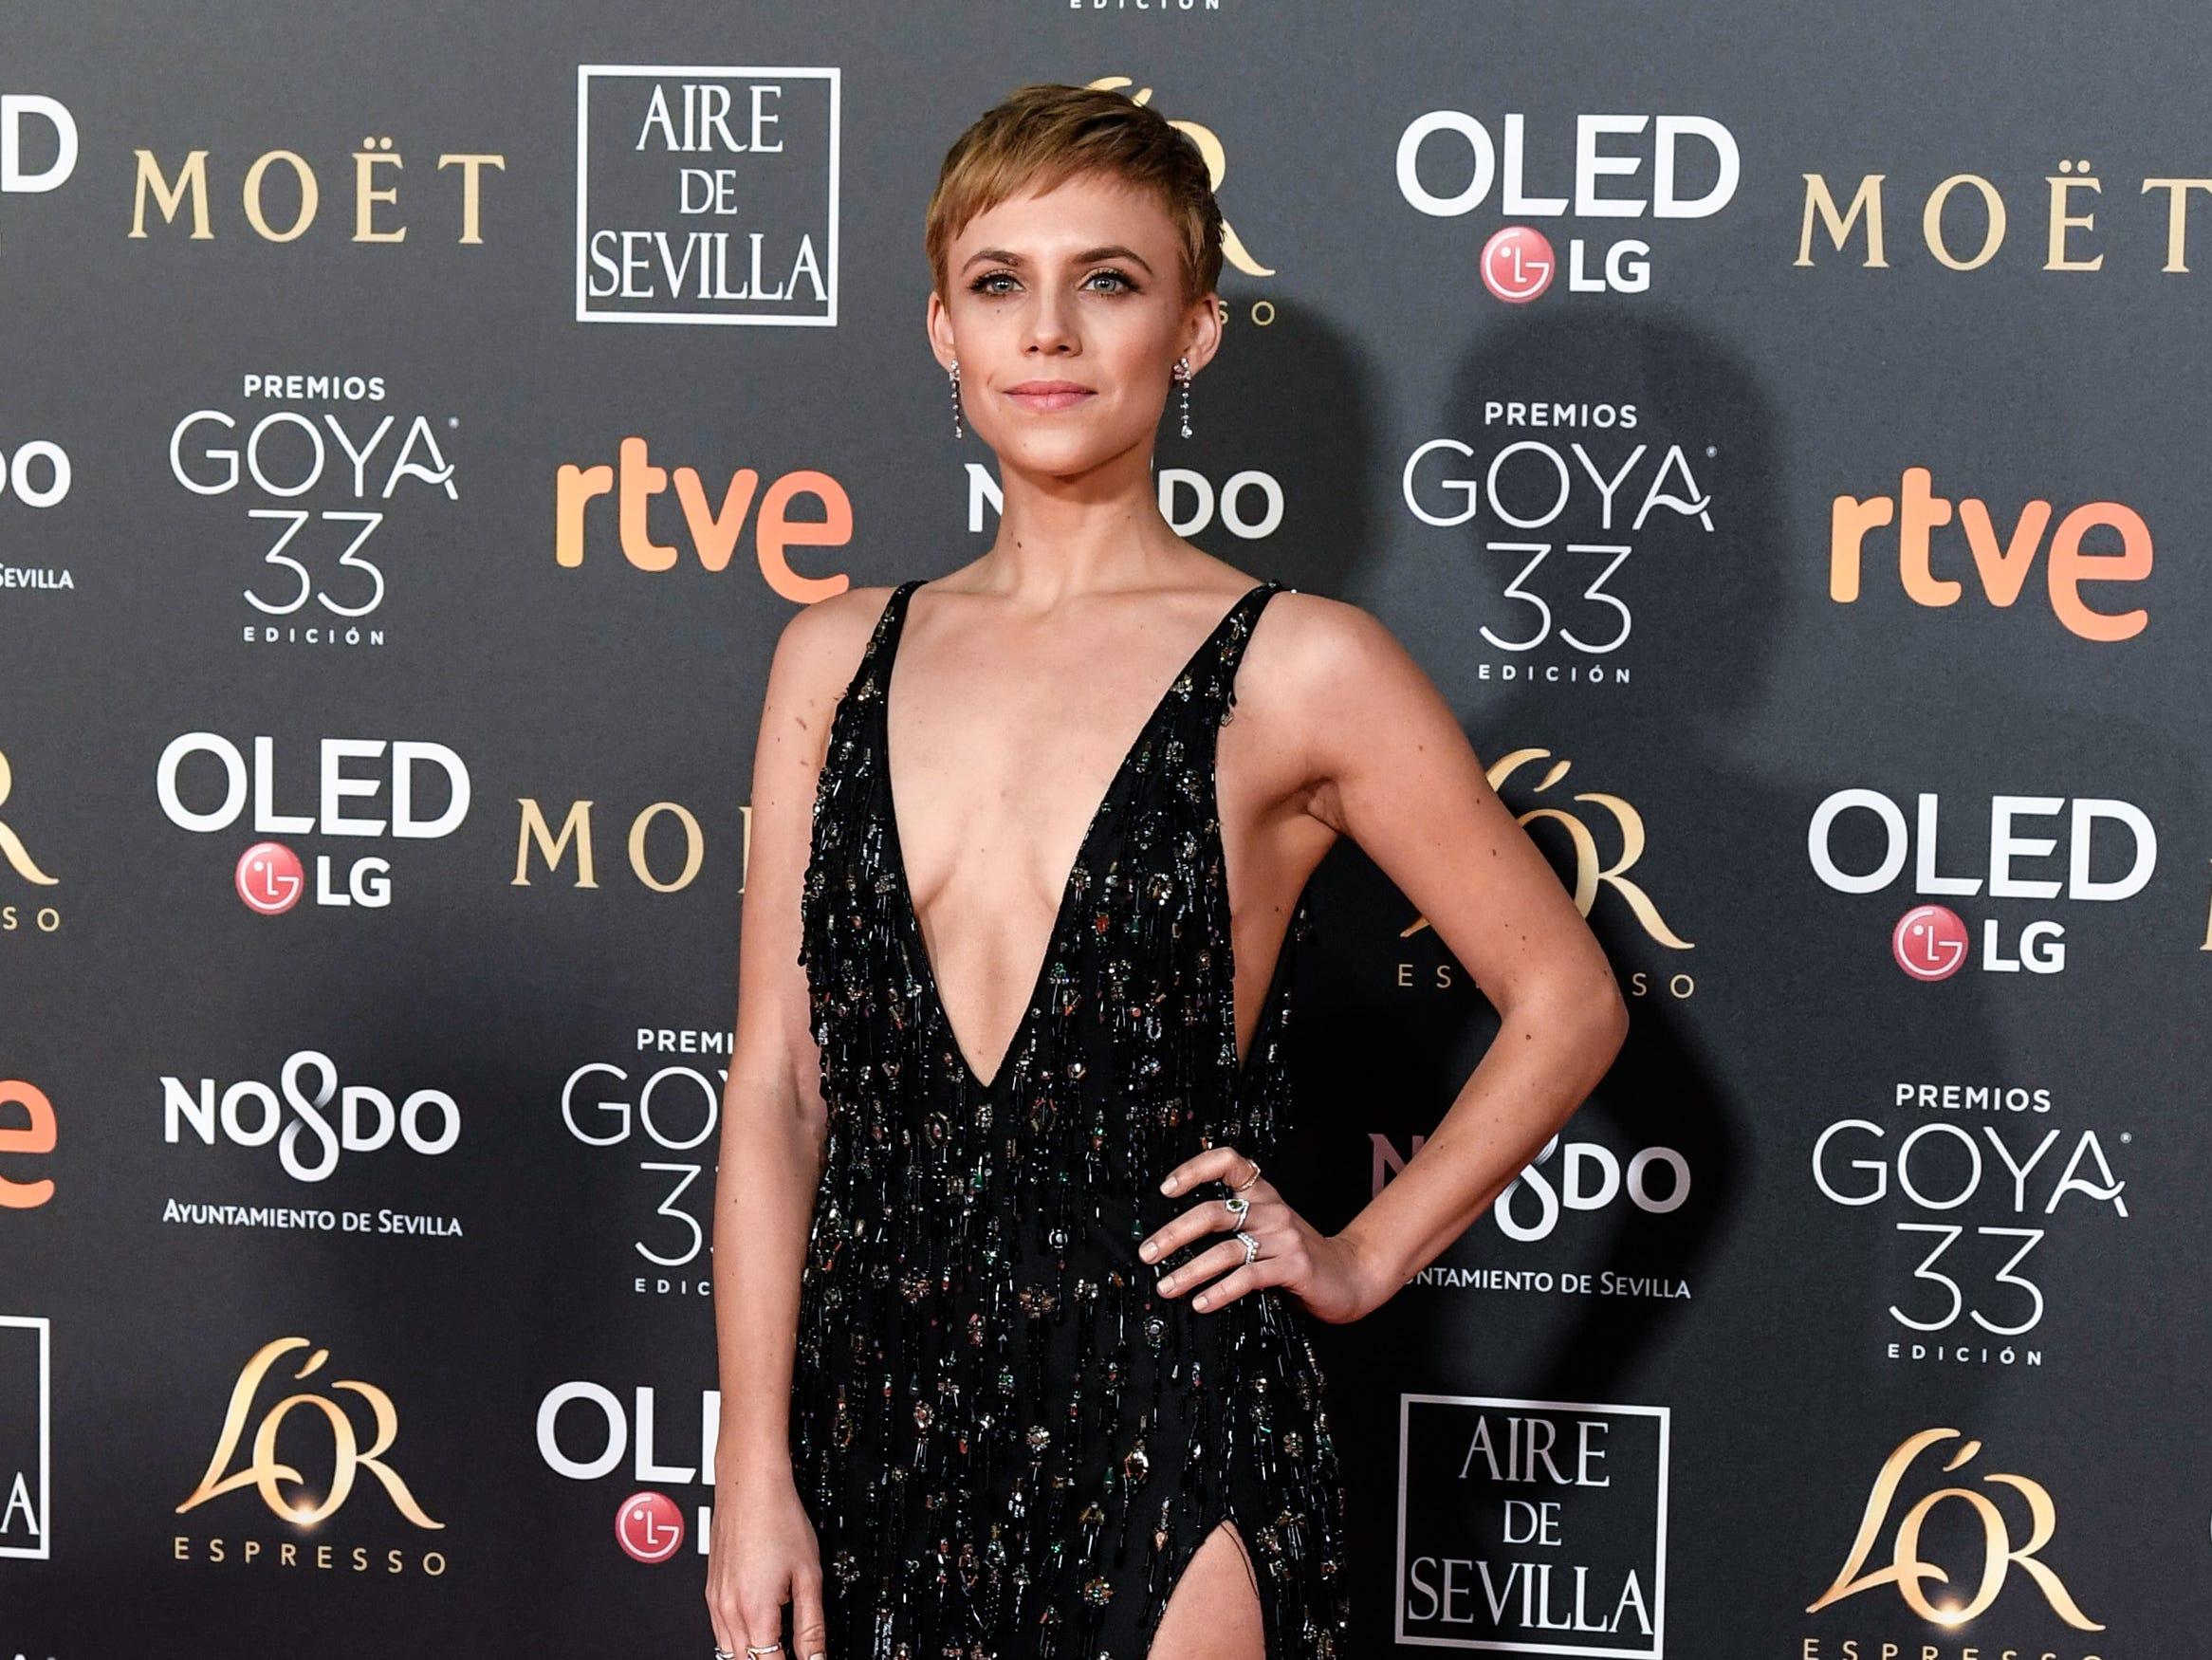 Aura Garrido asiste a la 33ª edición de los Premios de Cine Goya en el Palacio de Congresos y Exposiciones FIBES el 2 de febrero de 2019 en Sevilla, España.